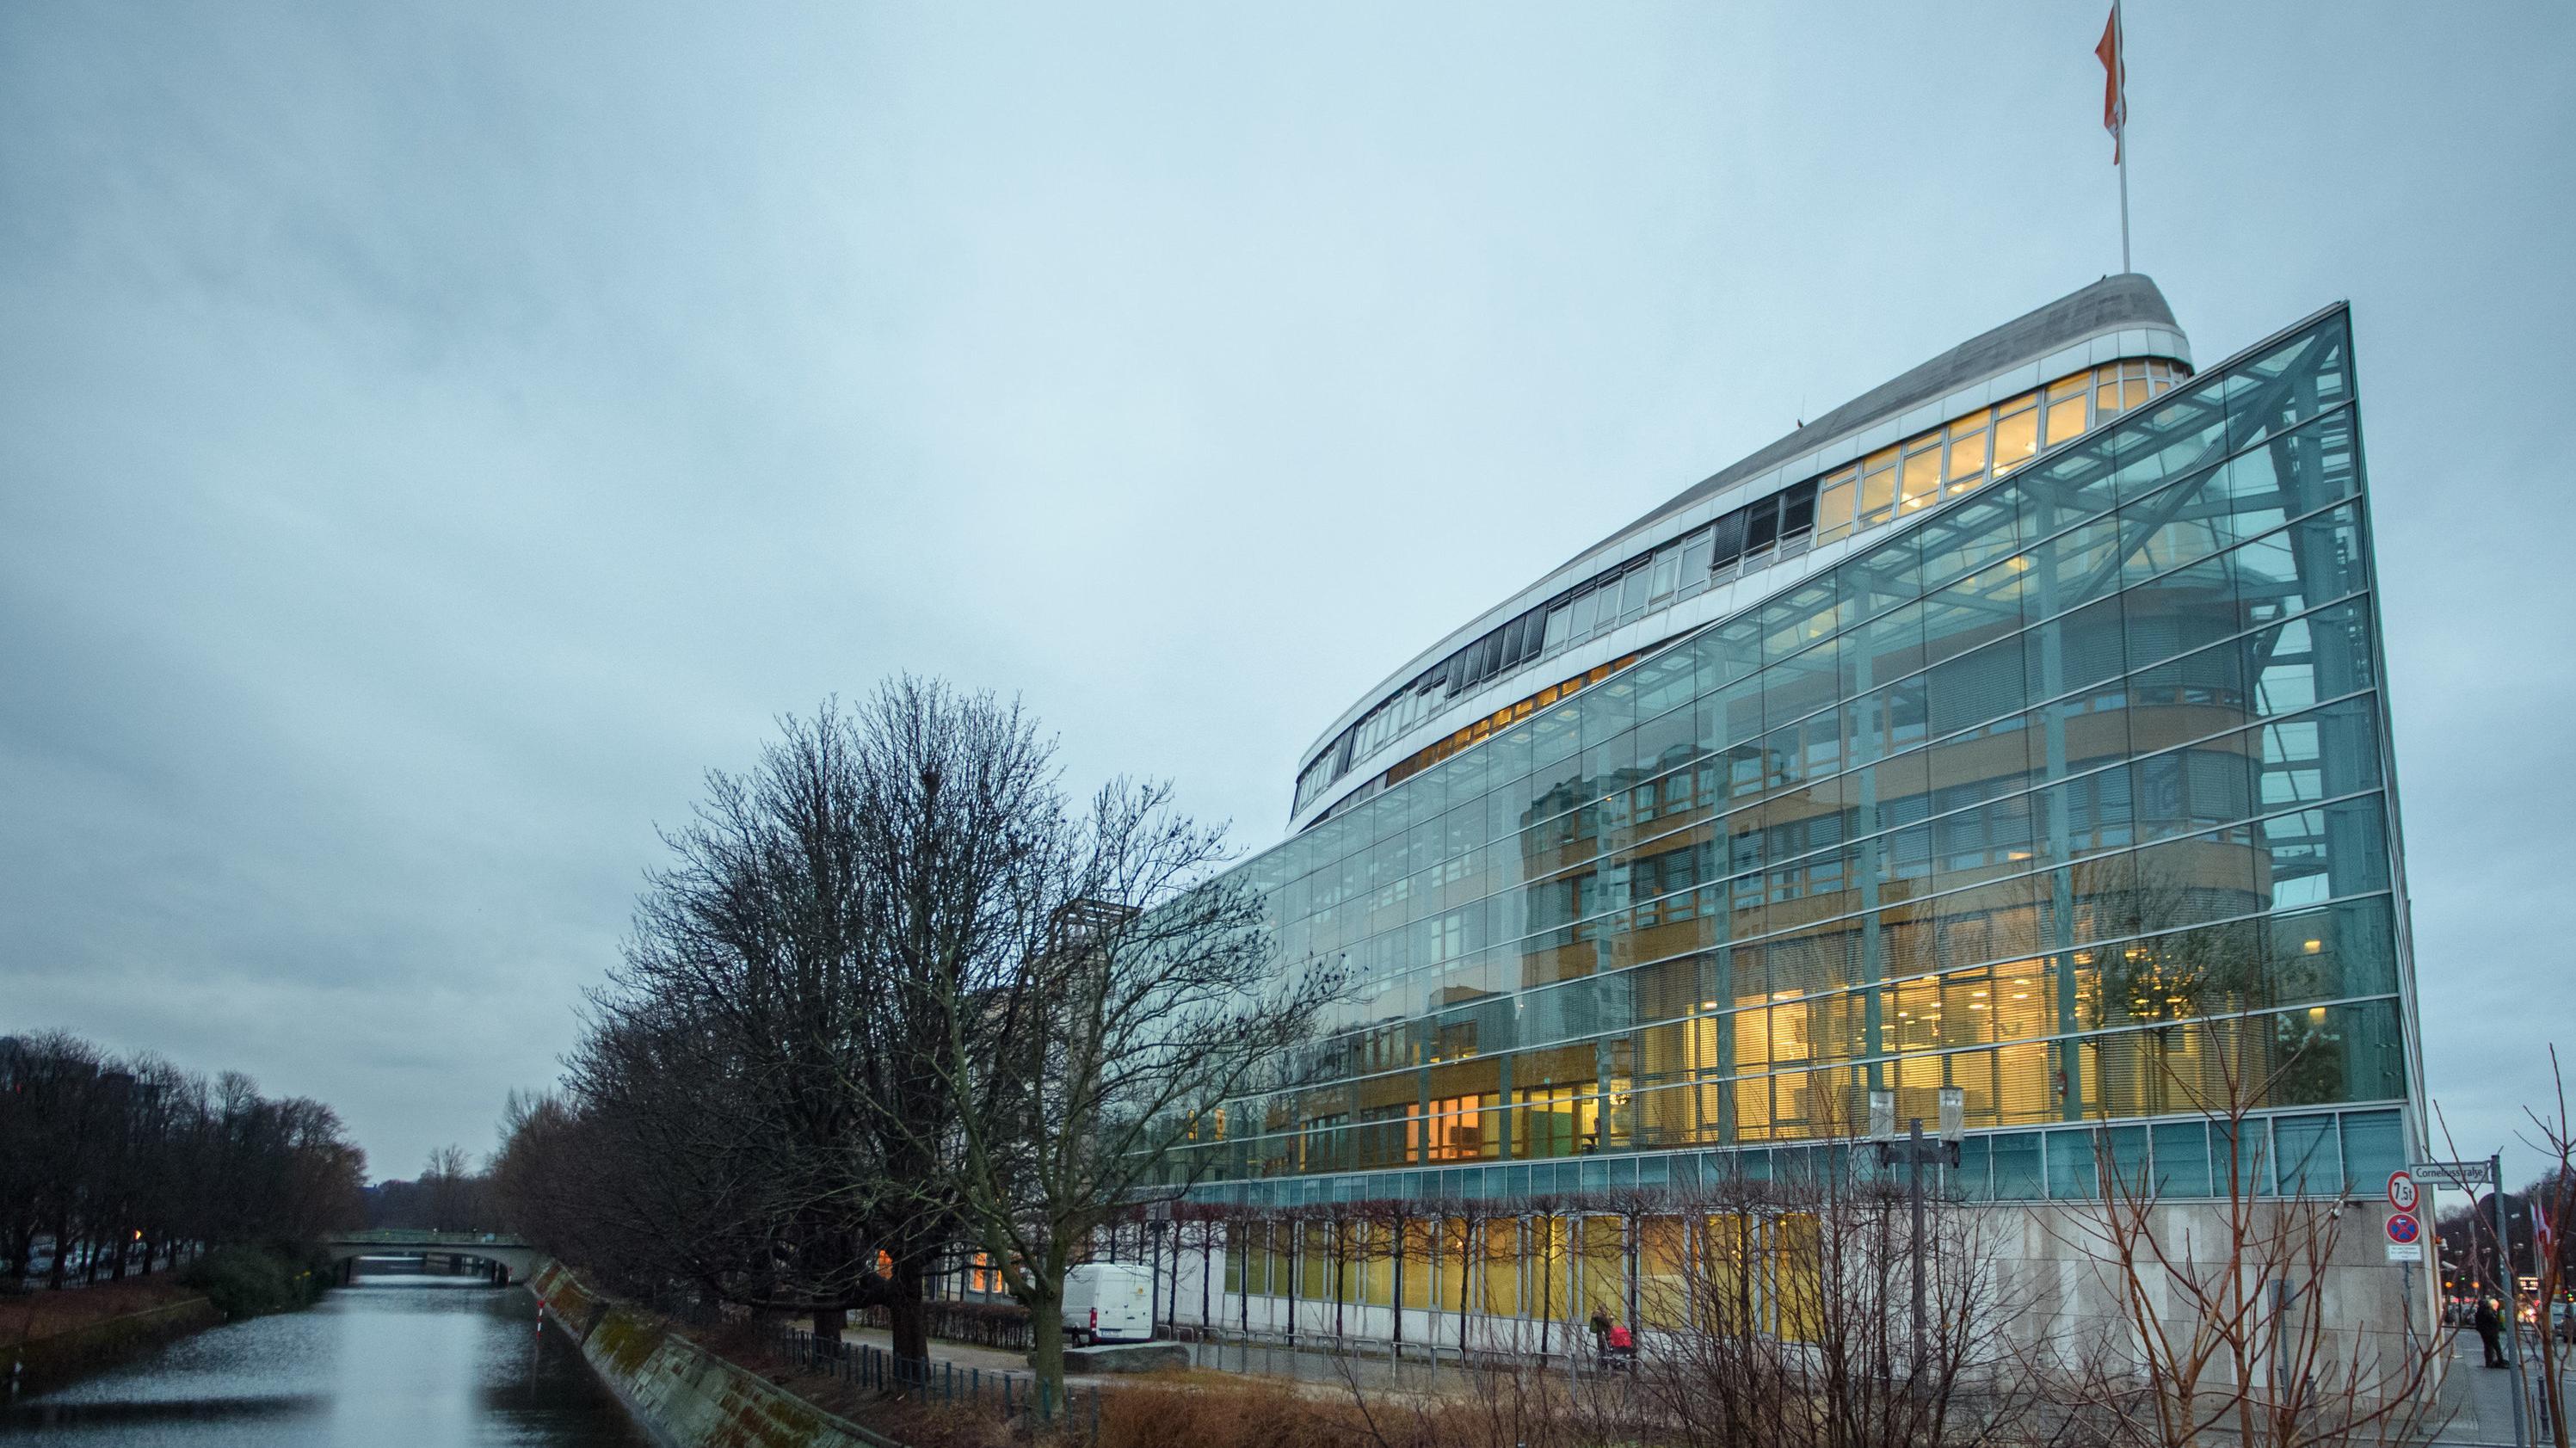 Die CDU-Parteizentrale, das Konrad-Adenauer-Haus in Berlin